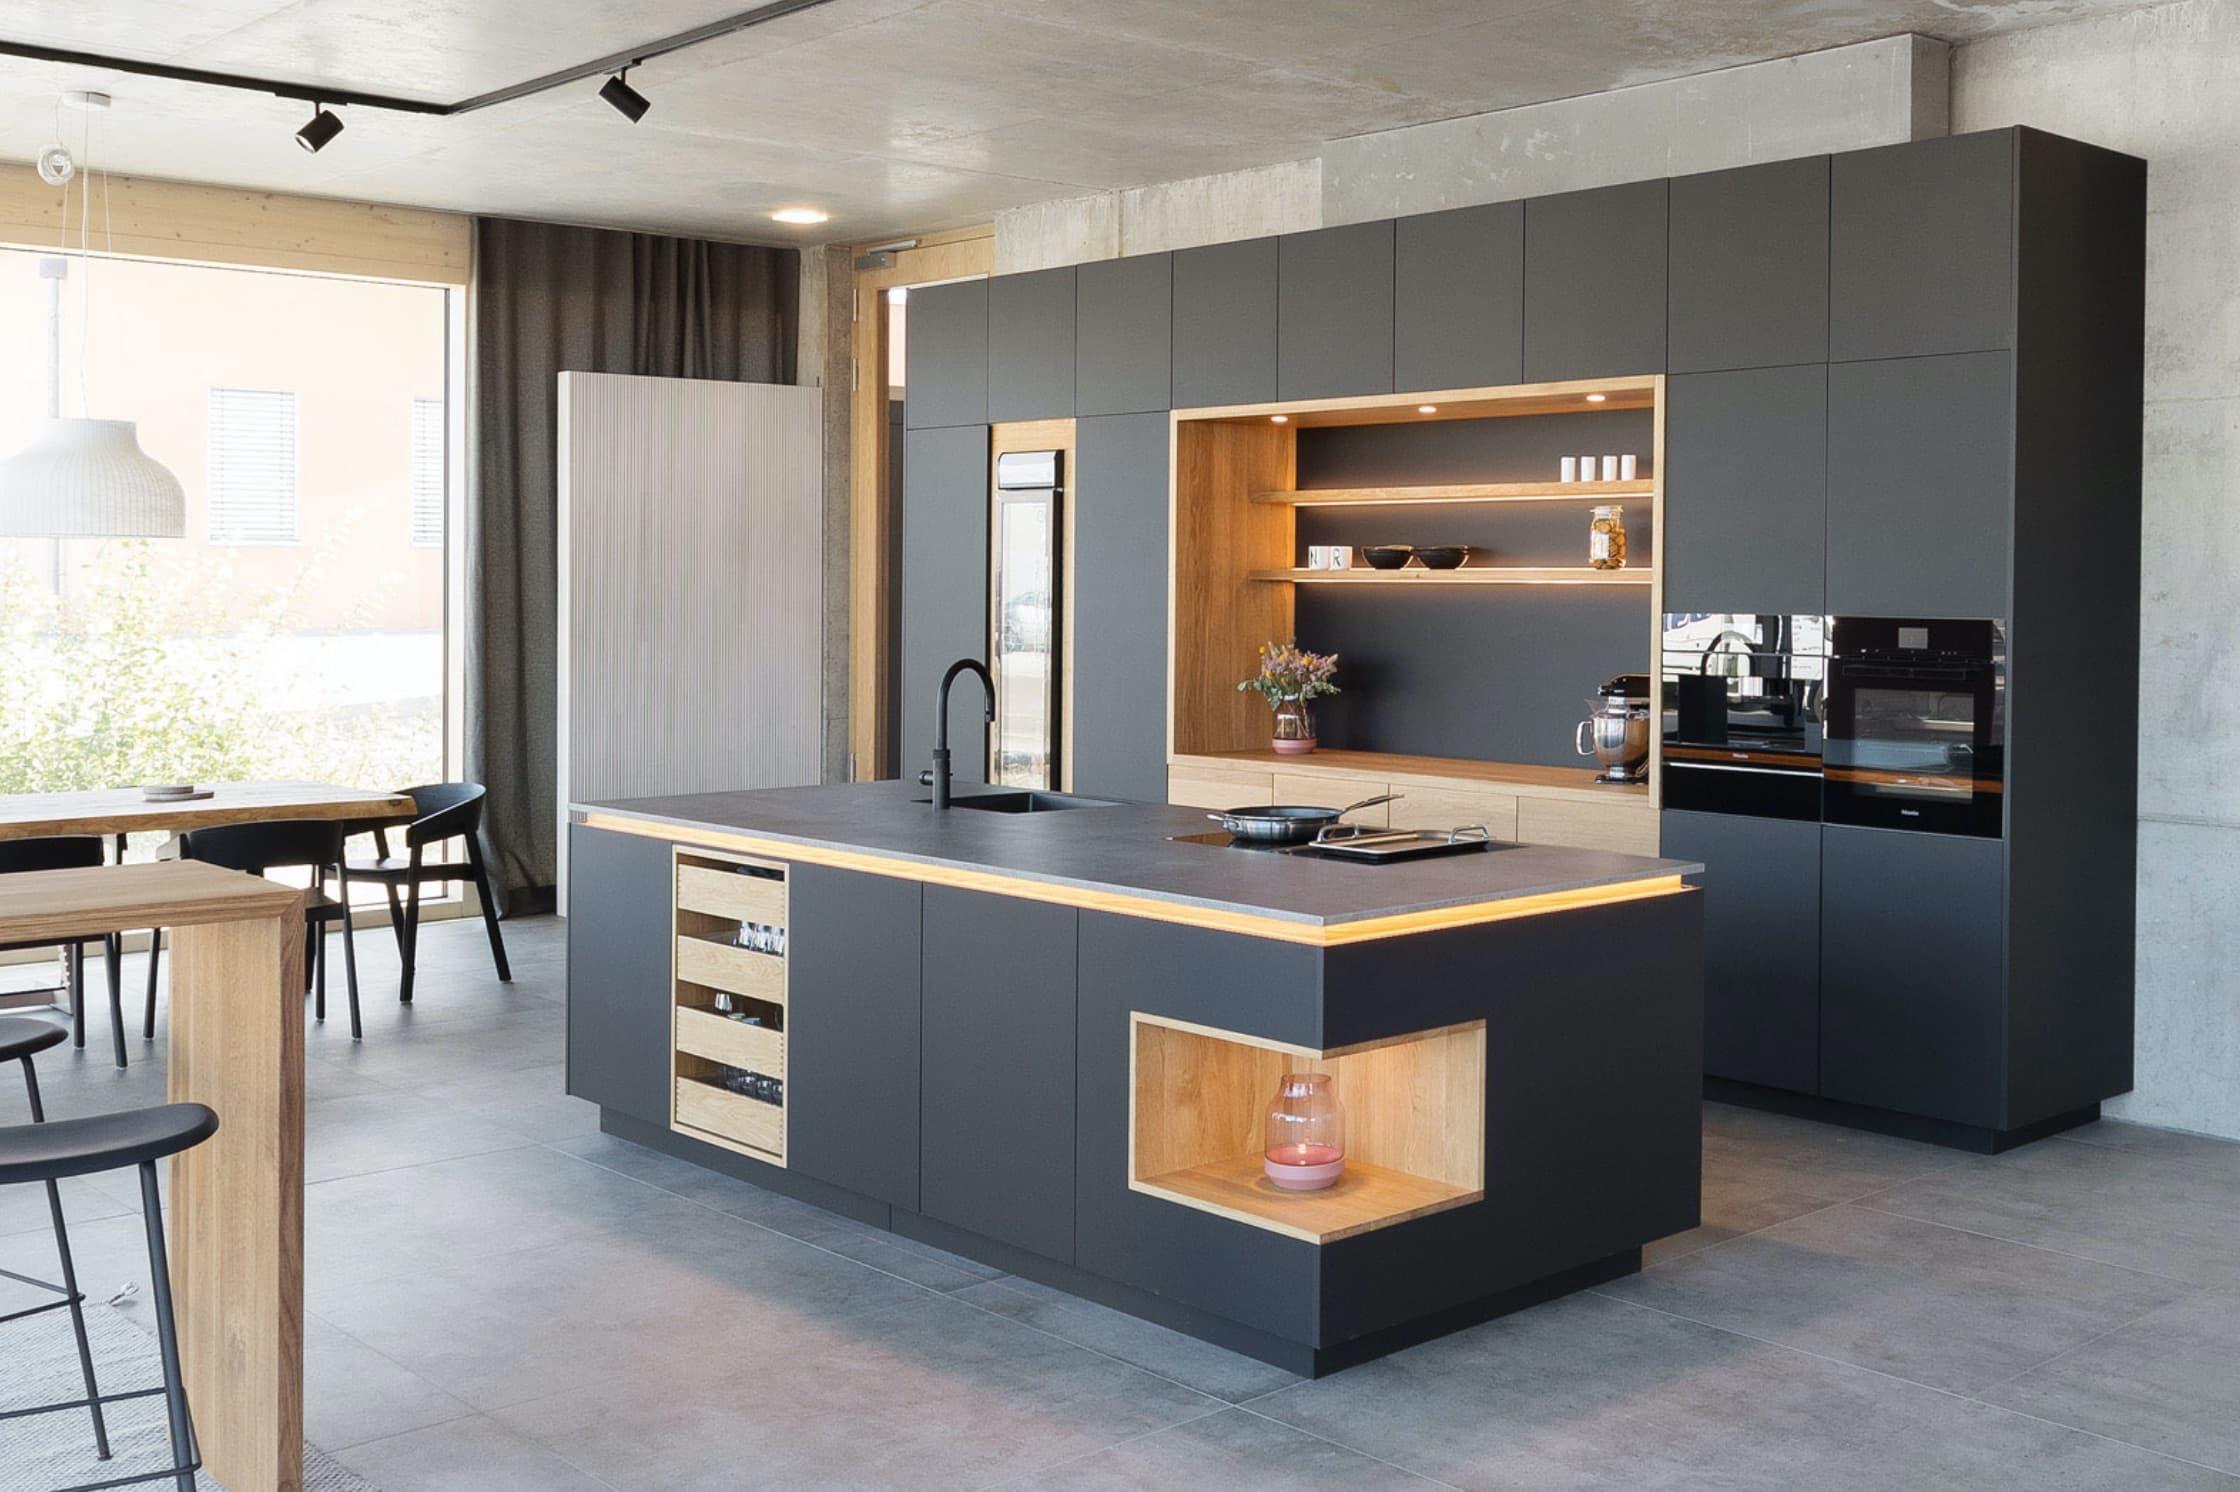 Unsere Shoroom Küche – so wird der Küchenkauf zum Spaziergang